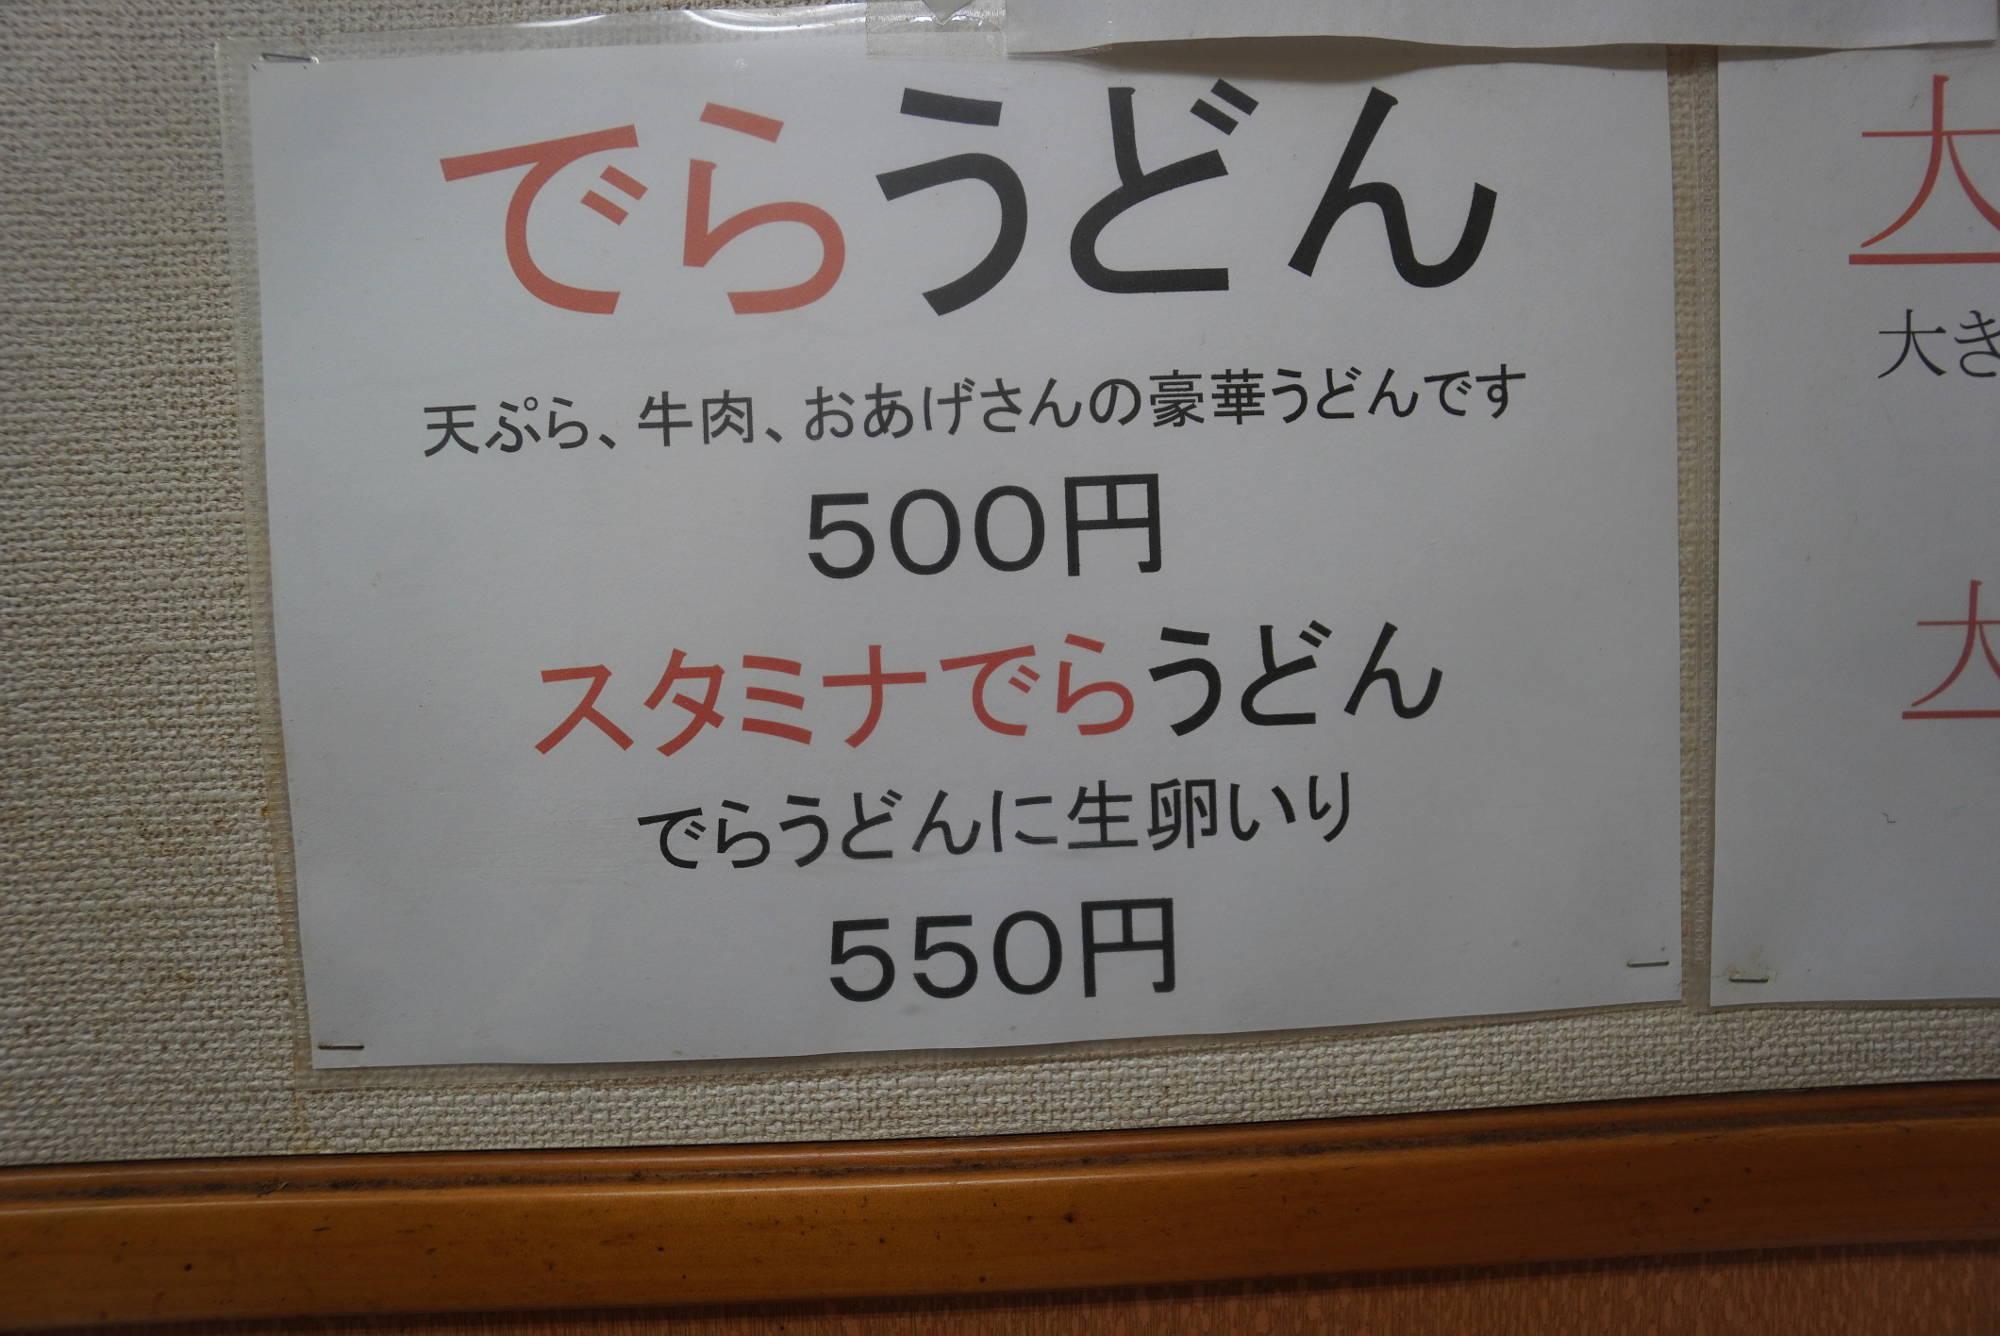 大阪 田舎家のメニュー